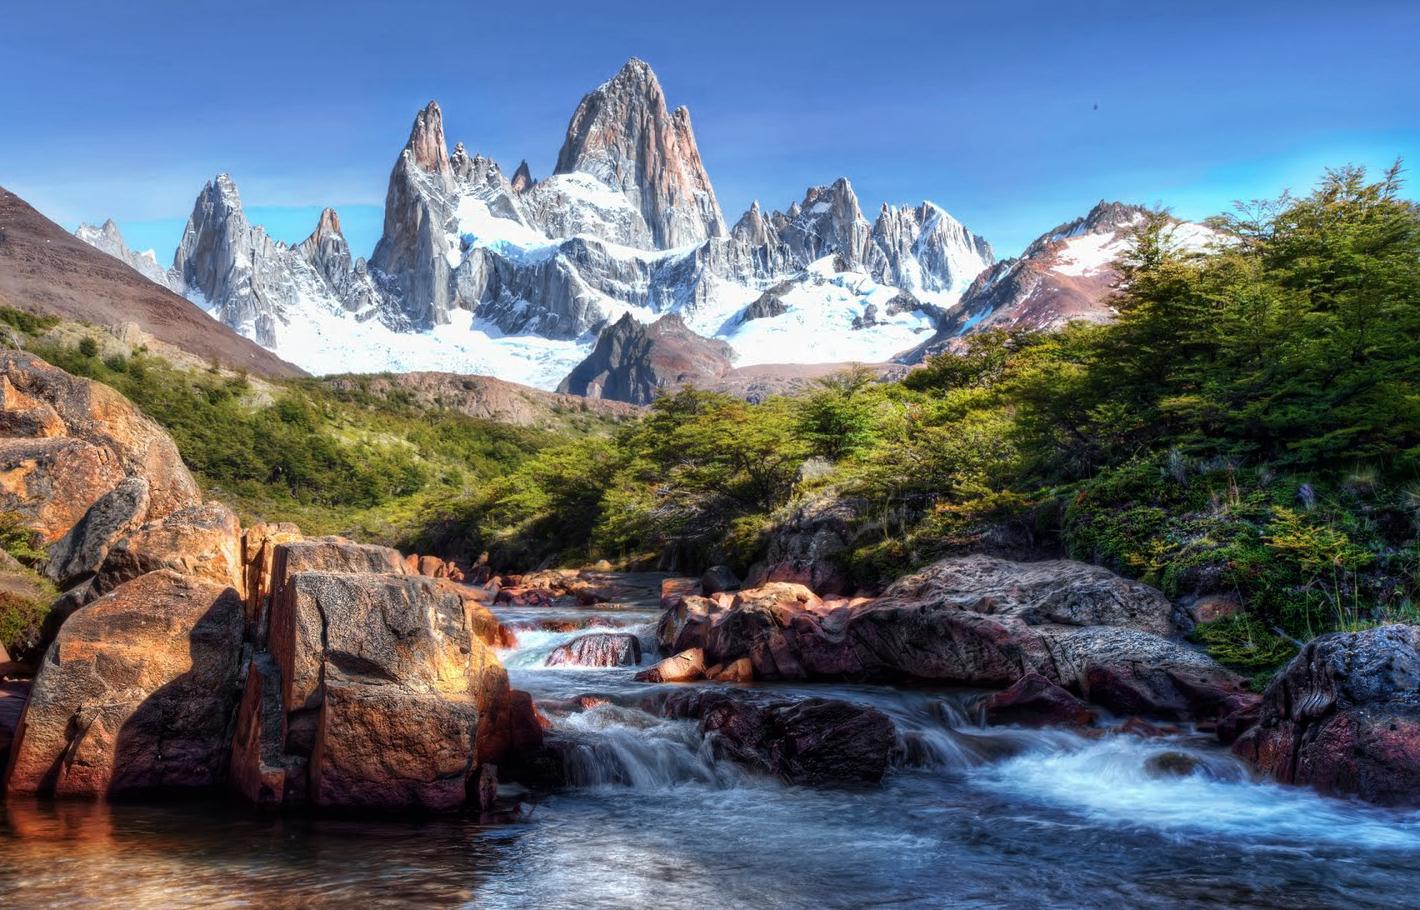 Aprende a pintar un paisaje como pintar un paisaje - Paisajes nevados para pintar ...